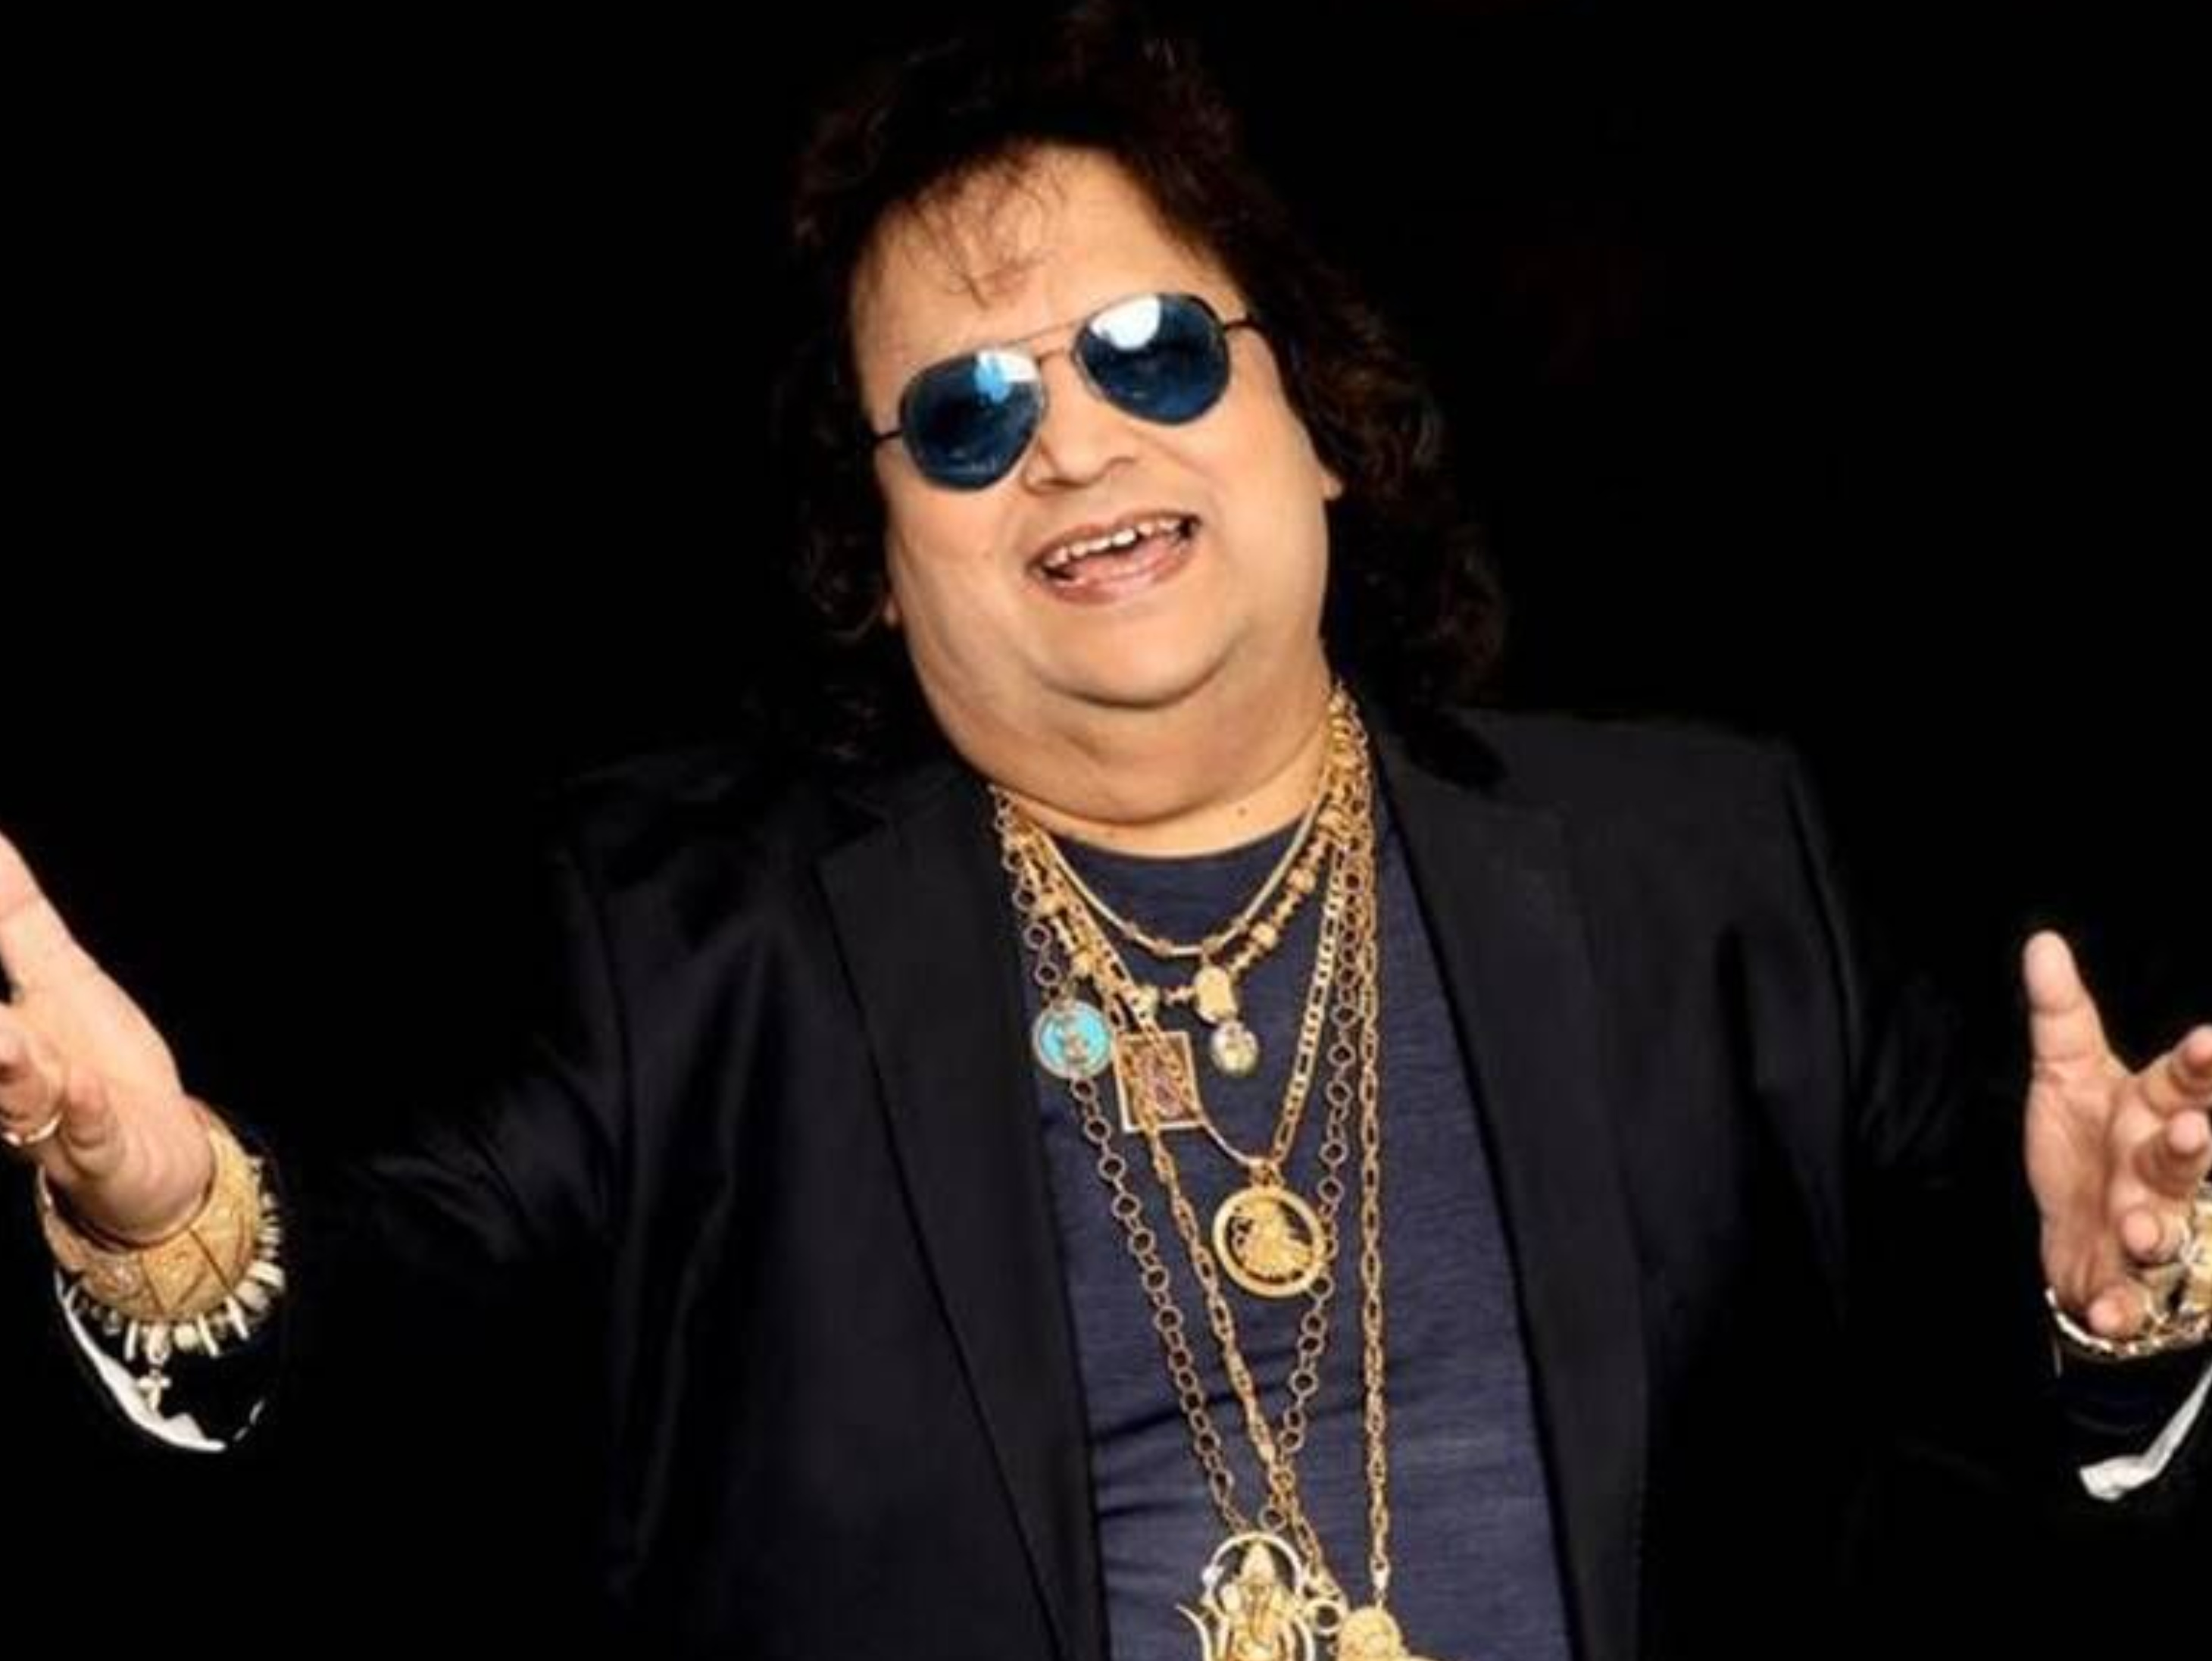 दिग्गज म्यूजिशियन ने आवाज चले जाने की खबरों को निराशाजनक बताया, बोले- फैंस की दुआओं से मैं अच्छा हूं|बॉलीवुड,Bollywood - Dainik Bhaskar